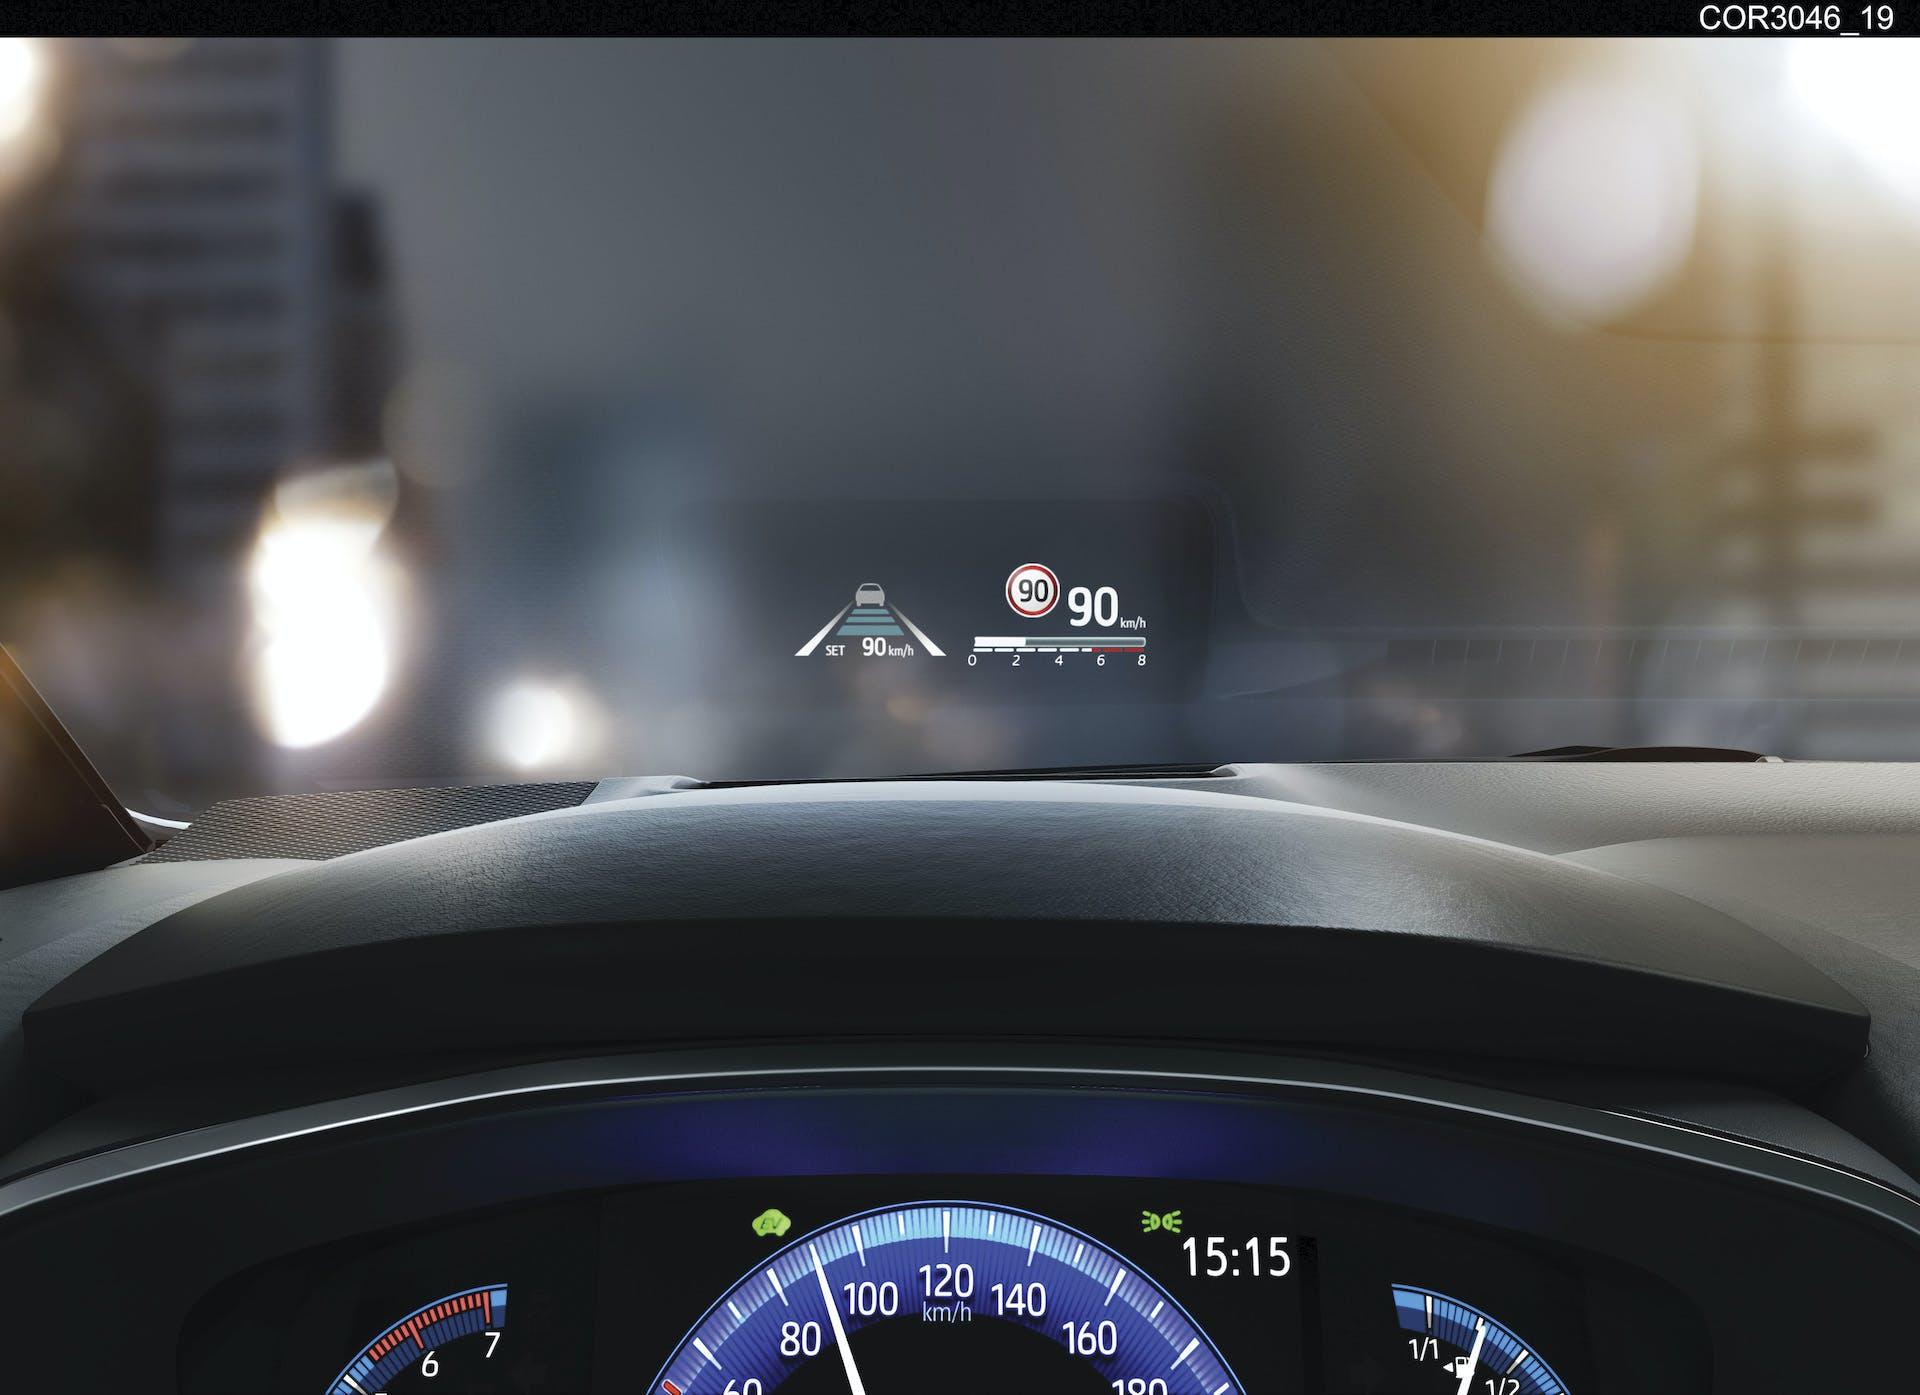 Toyota Corolla head up display